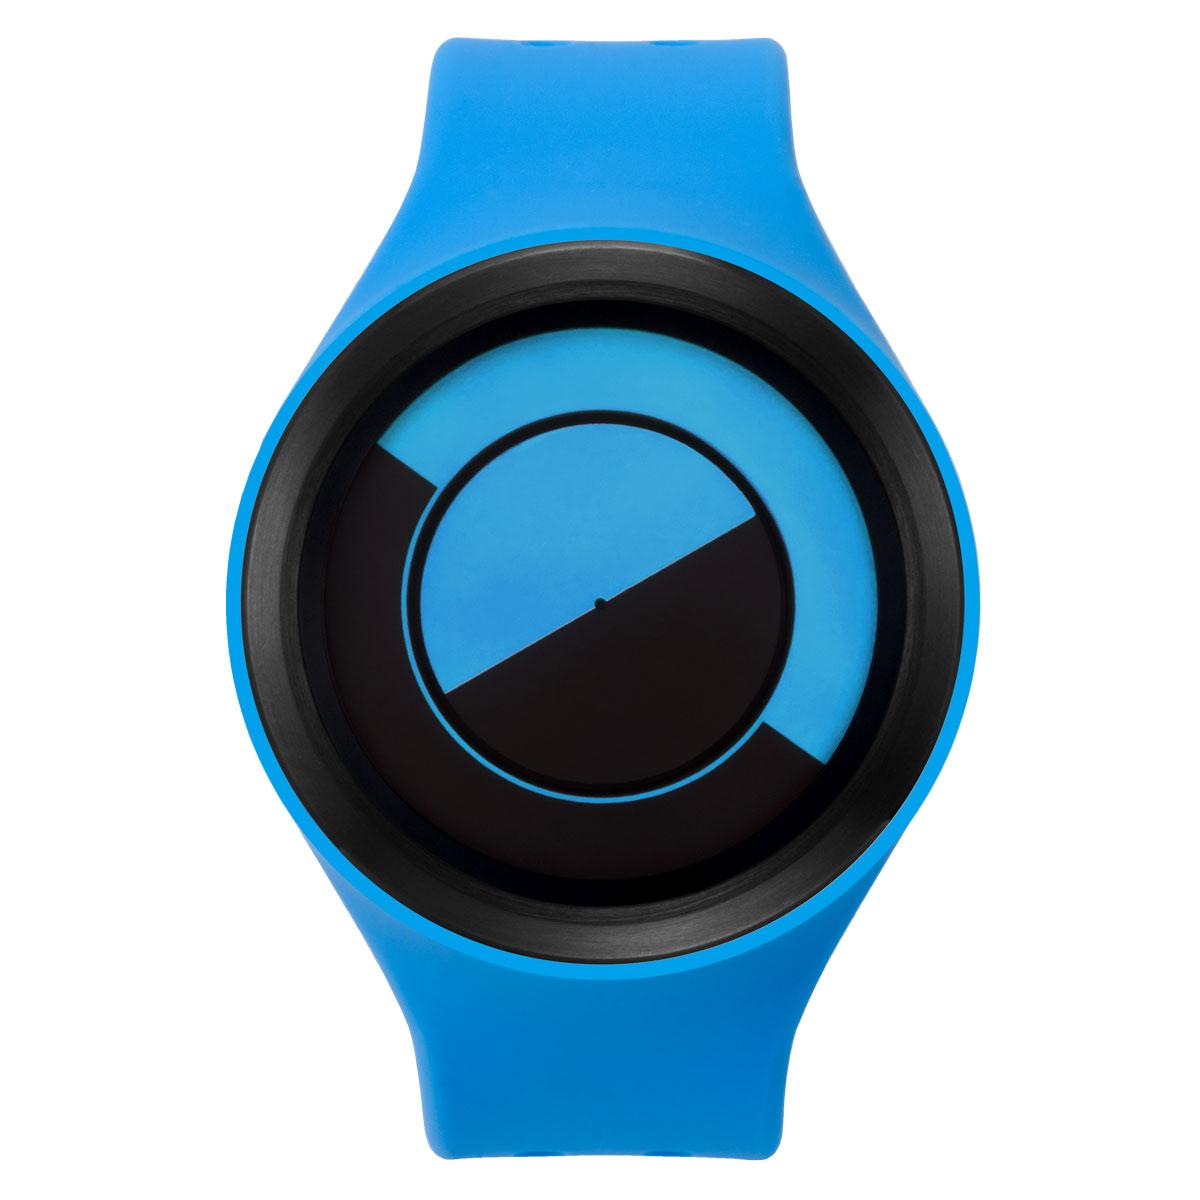 ZEROO QUARTER MOON ゼロ 電池式クォーツ 腕時計 [W01002B03SR04] ブルー デザインウォッチ ペア用 メンズ レディース ユニセックス おしゃれ時計 デザイナーズ